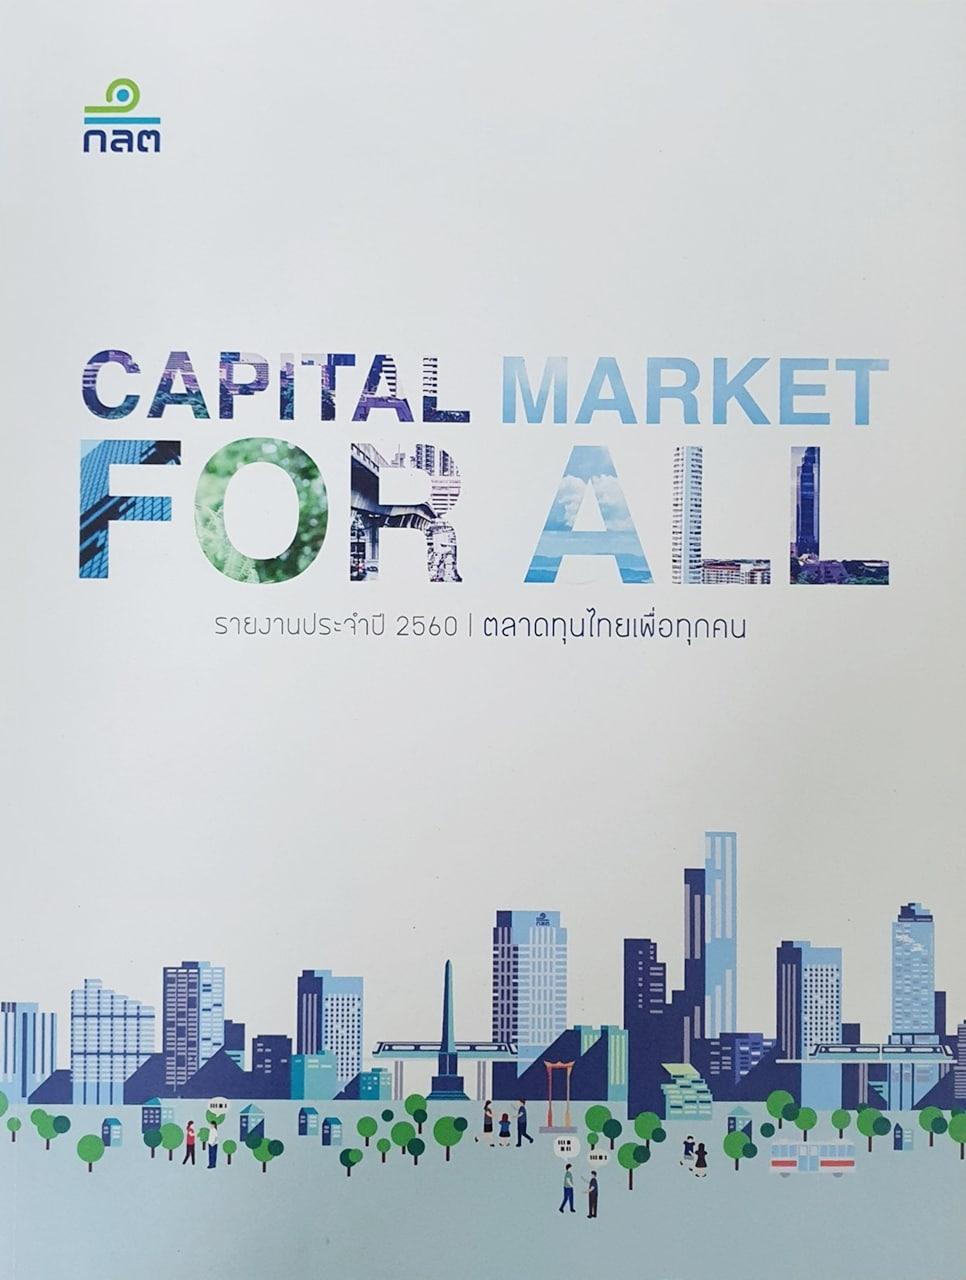 รูป Annual Report CapitalMarket60 - ประกอบเนื้อหา รายงานประจำปี